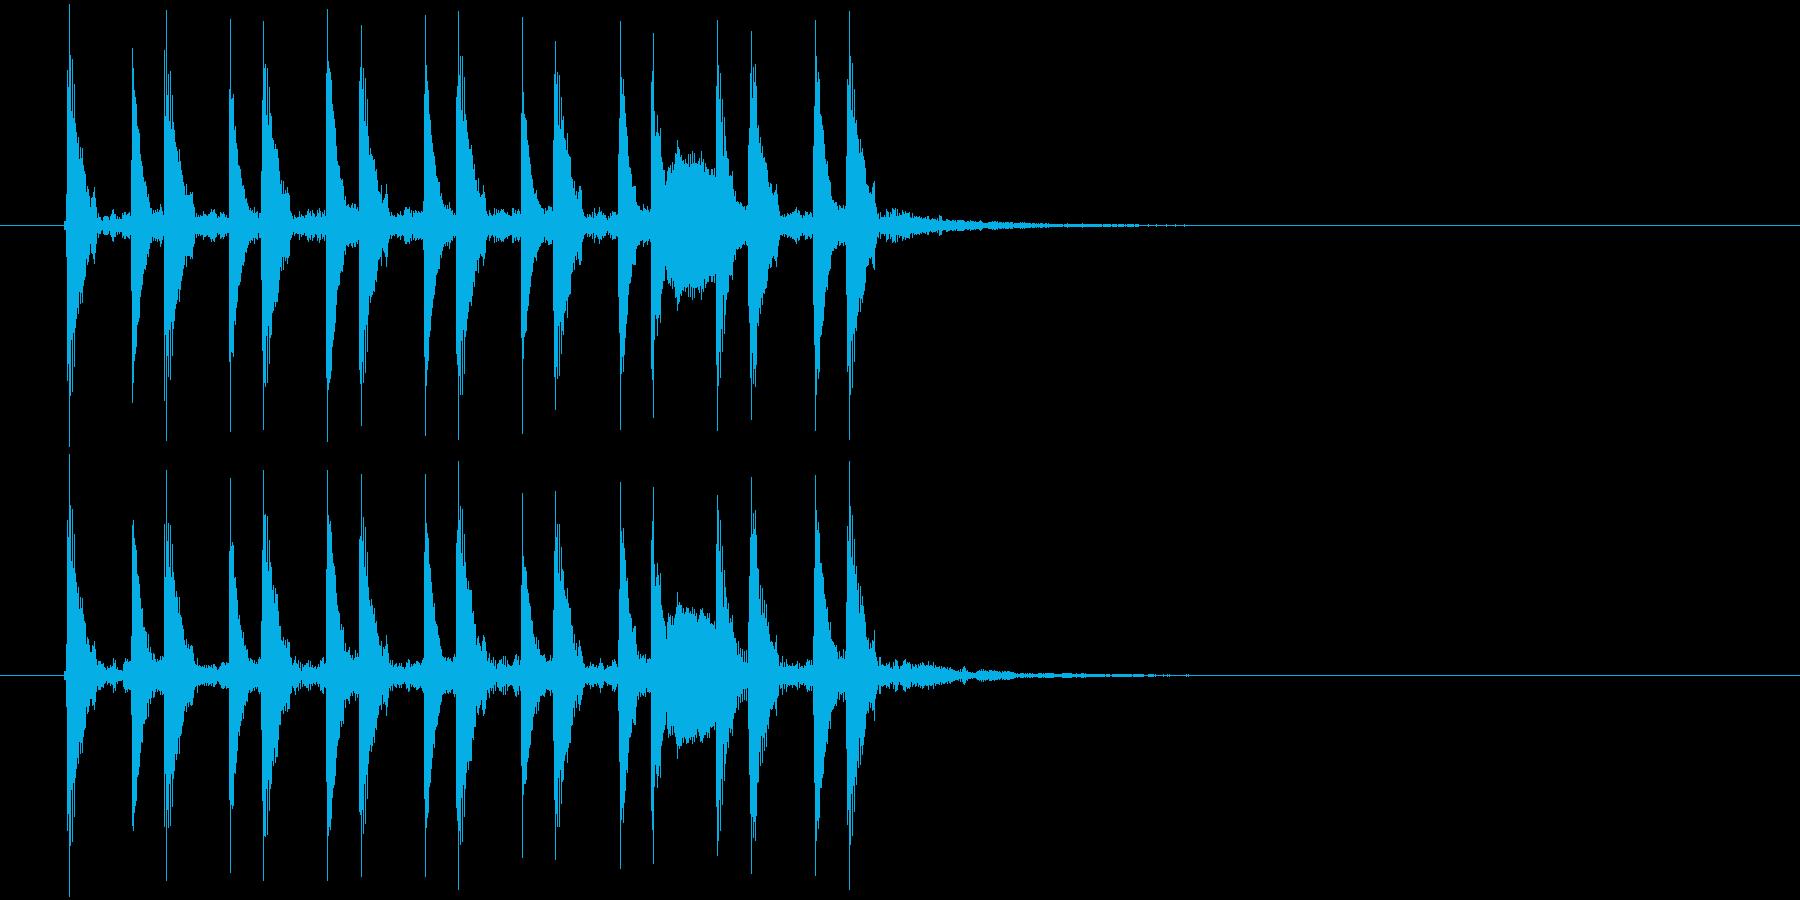 テクノ風のジングル曲、サウンドロゴの再生済みの波形